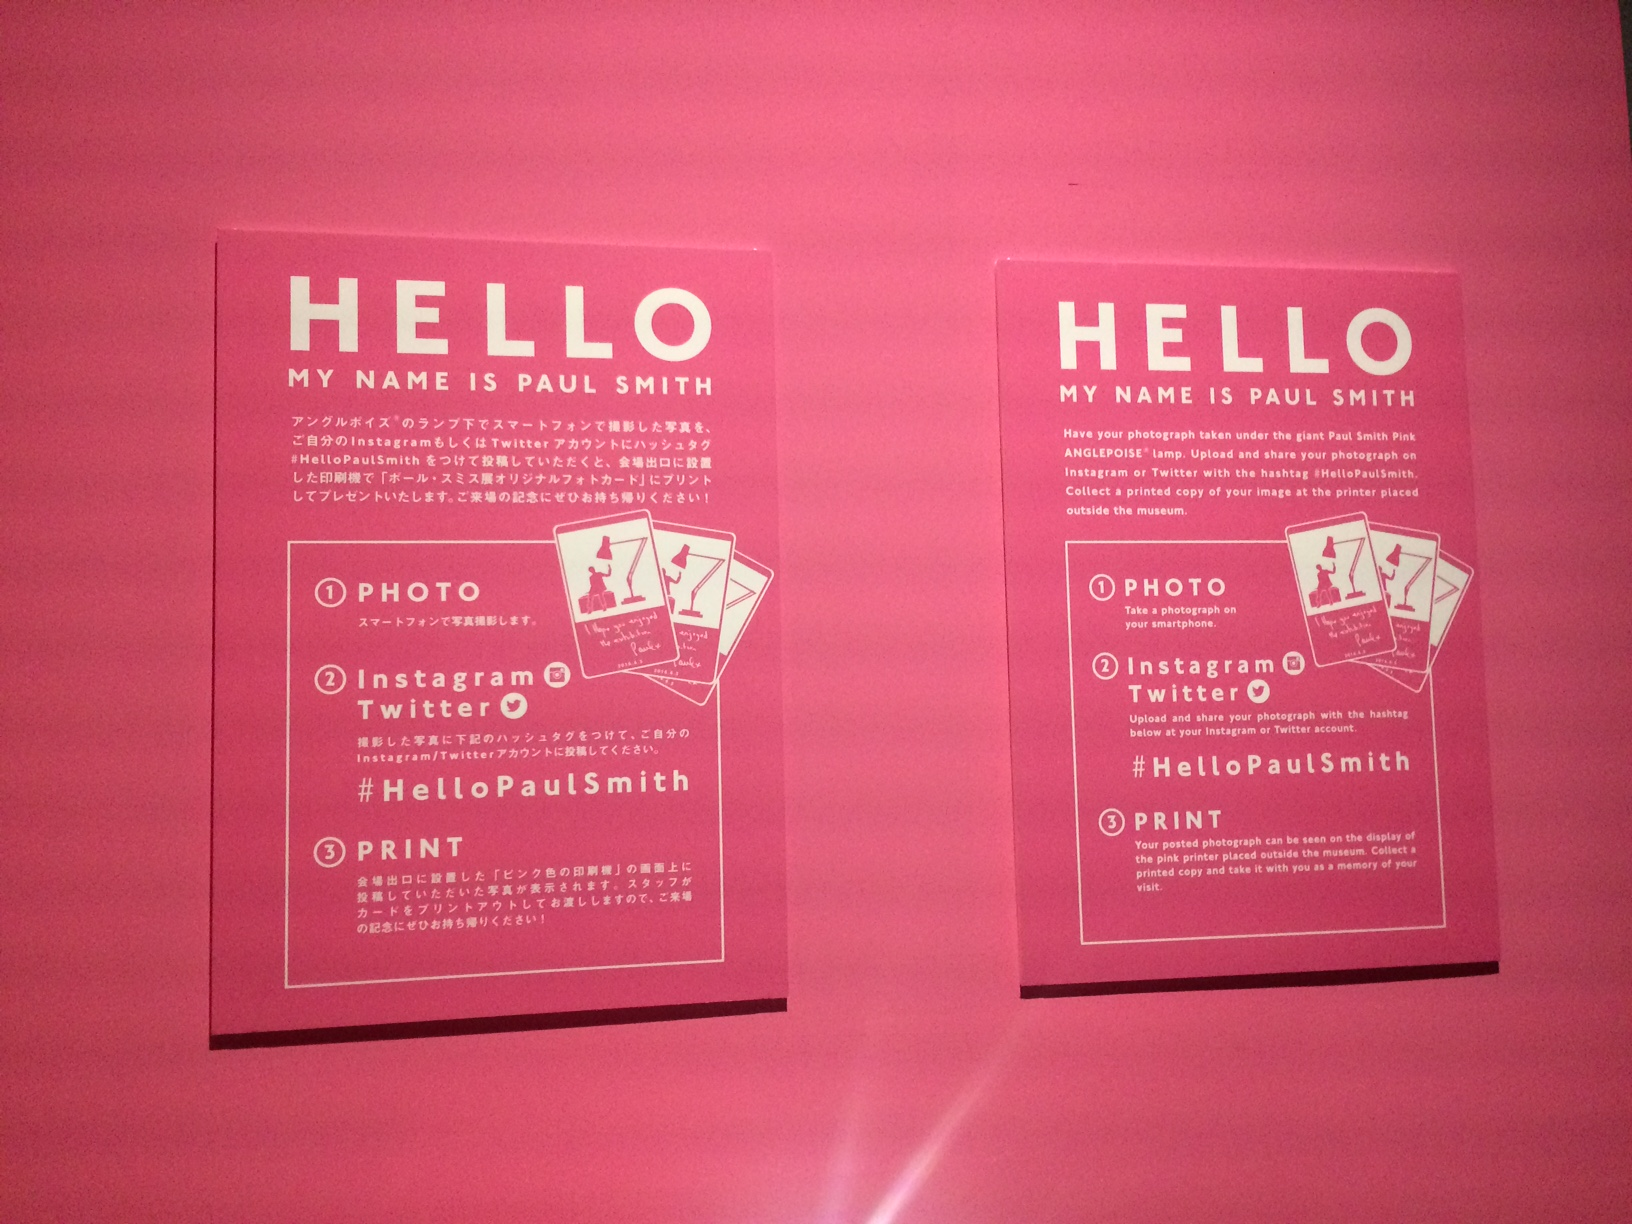 カラフルな作品と展示に心躍る!「ポール・スミス展」 in 名古屋体験レポート - IMG 7921